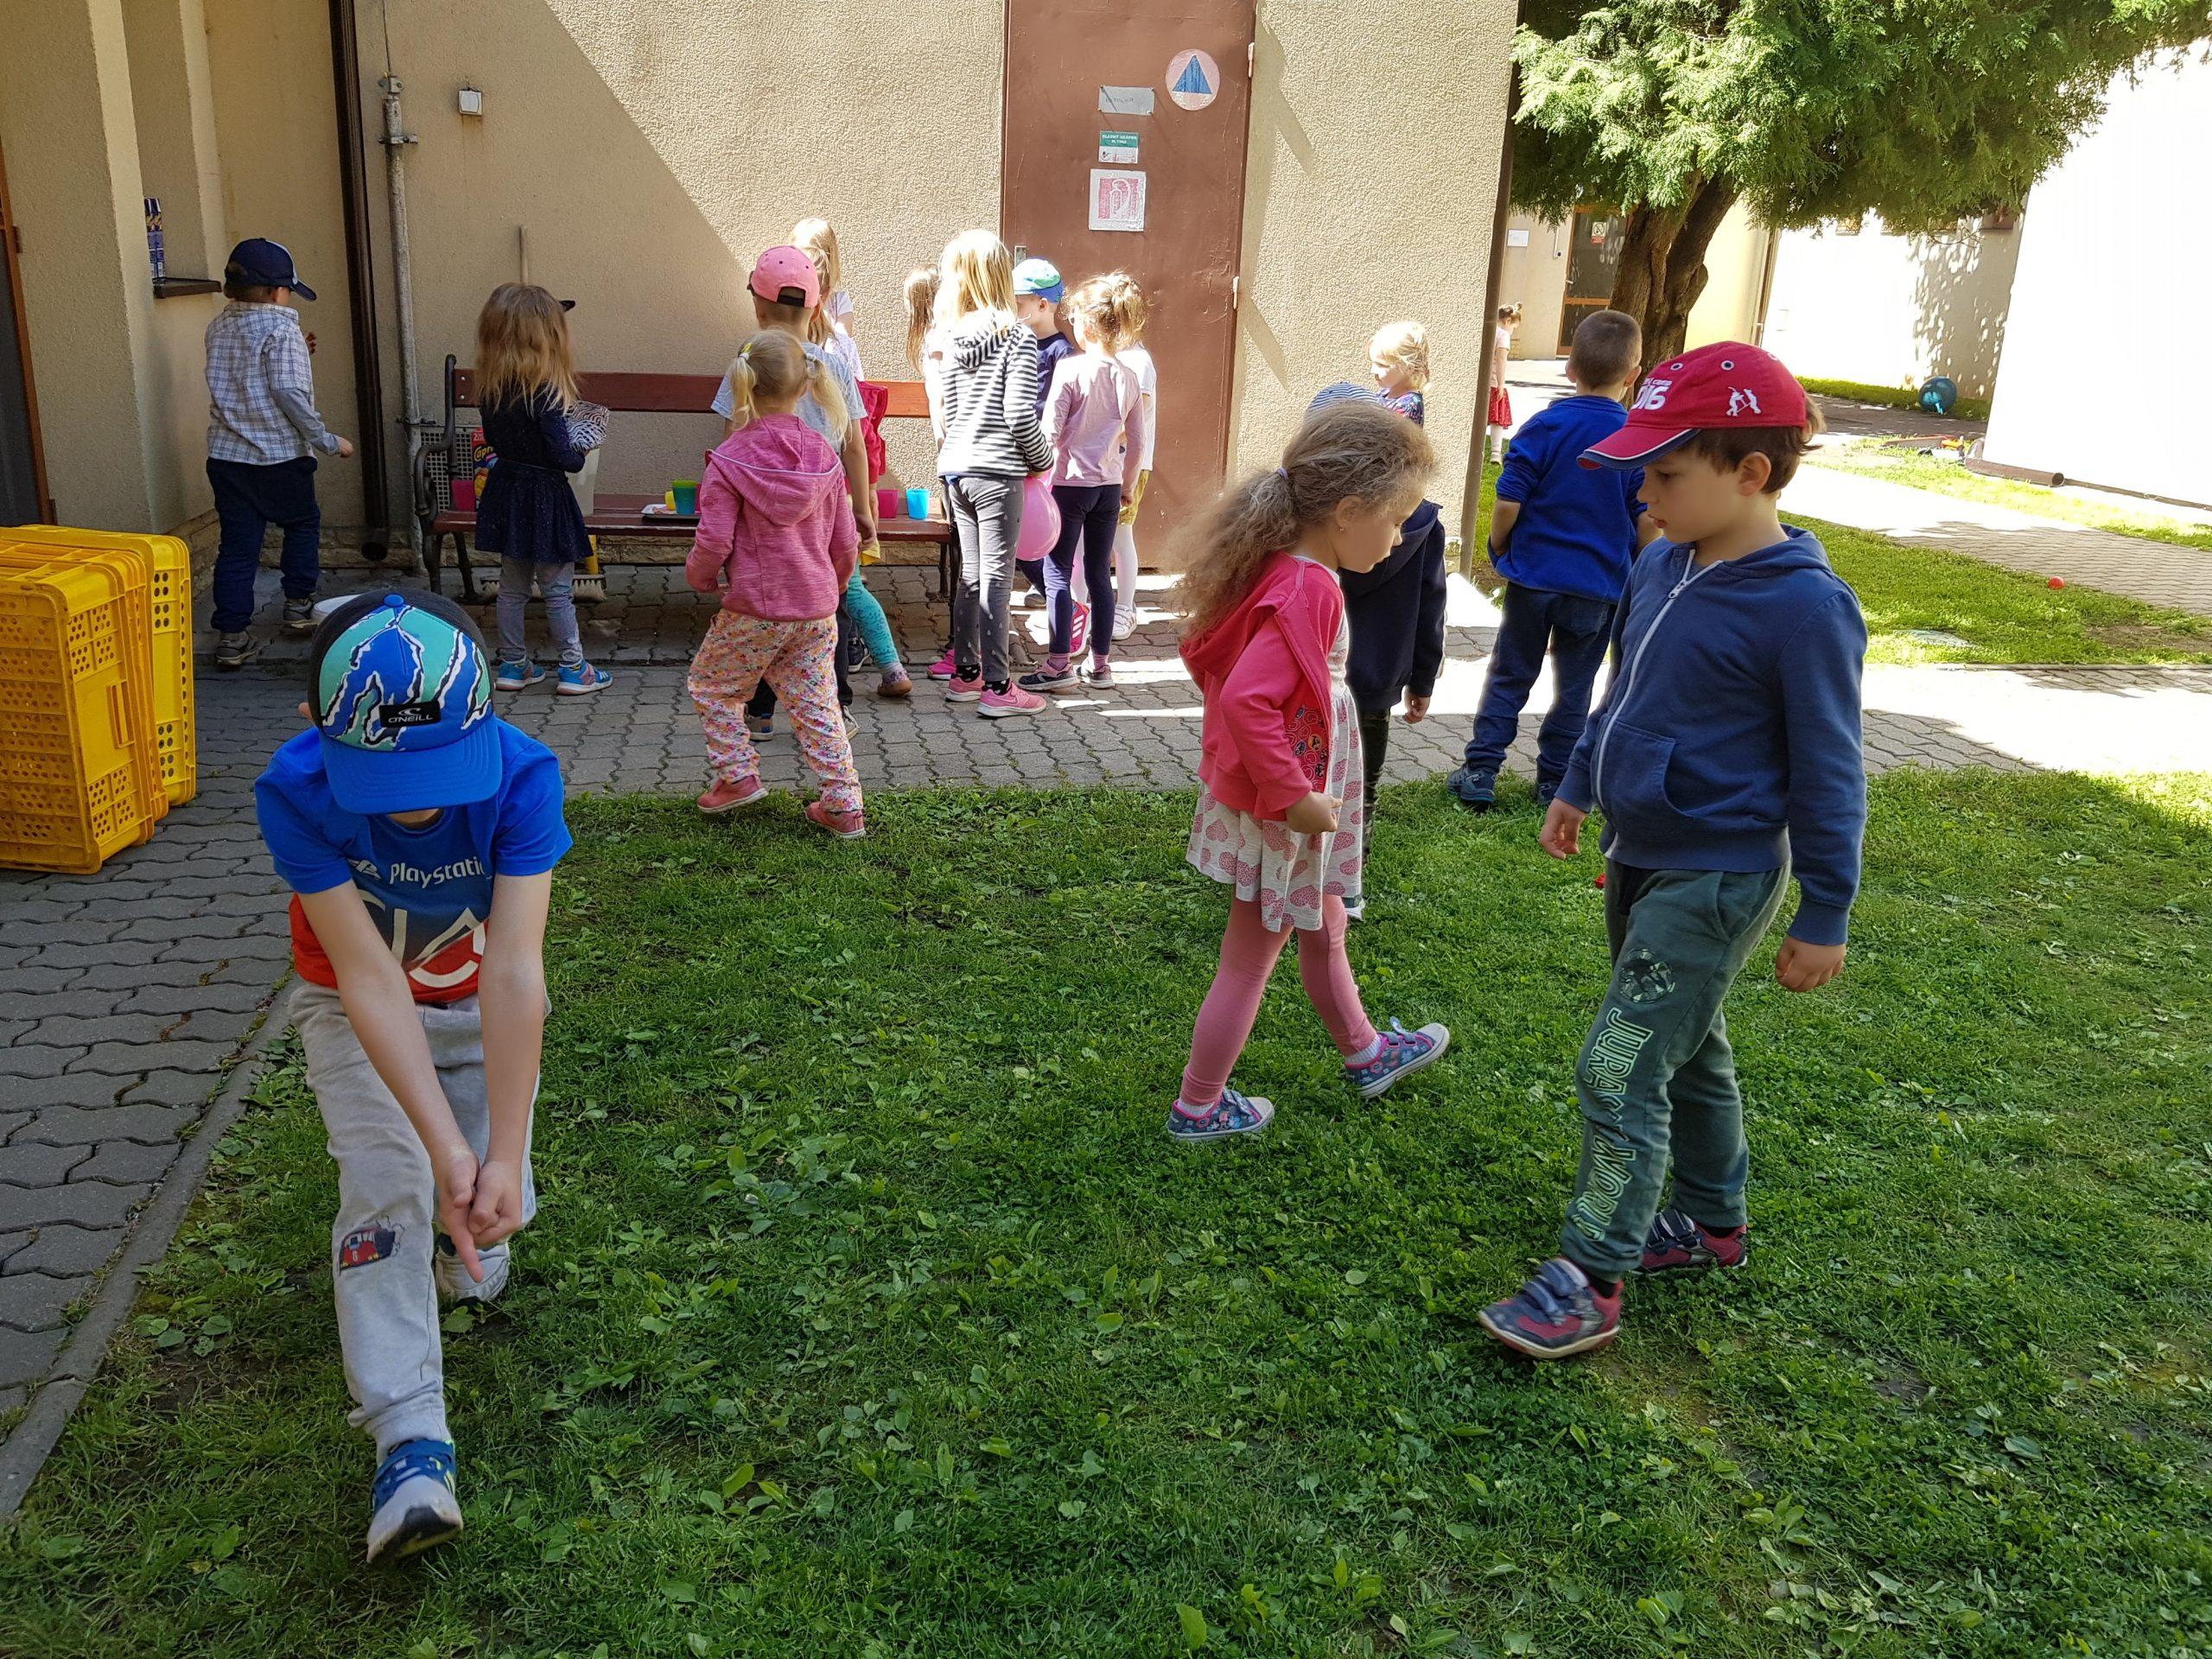 Medzinárodný deň detí v materskej škole